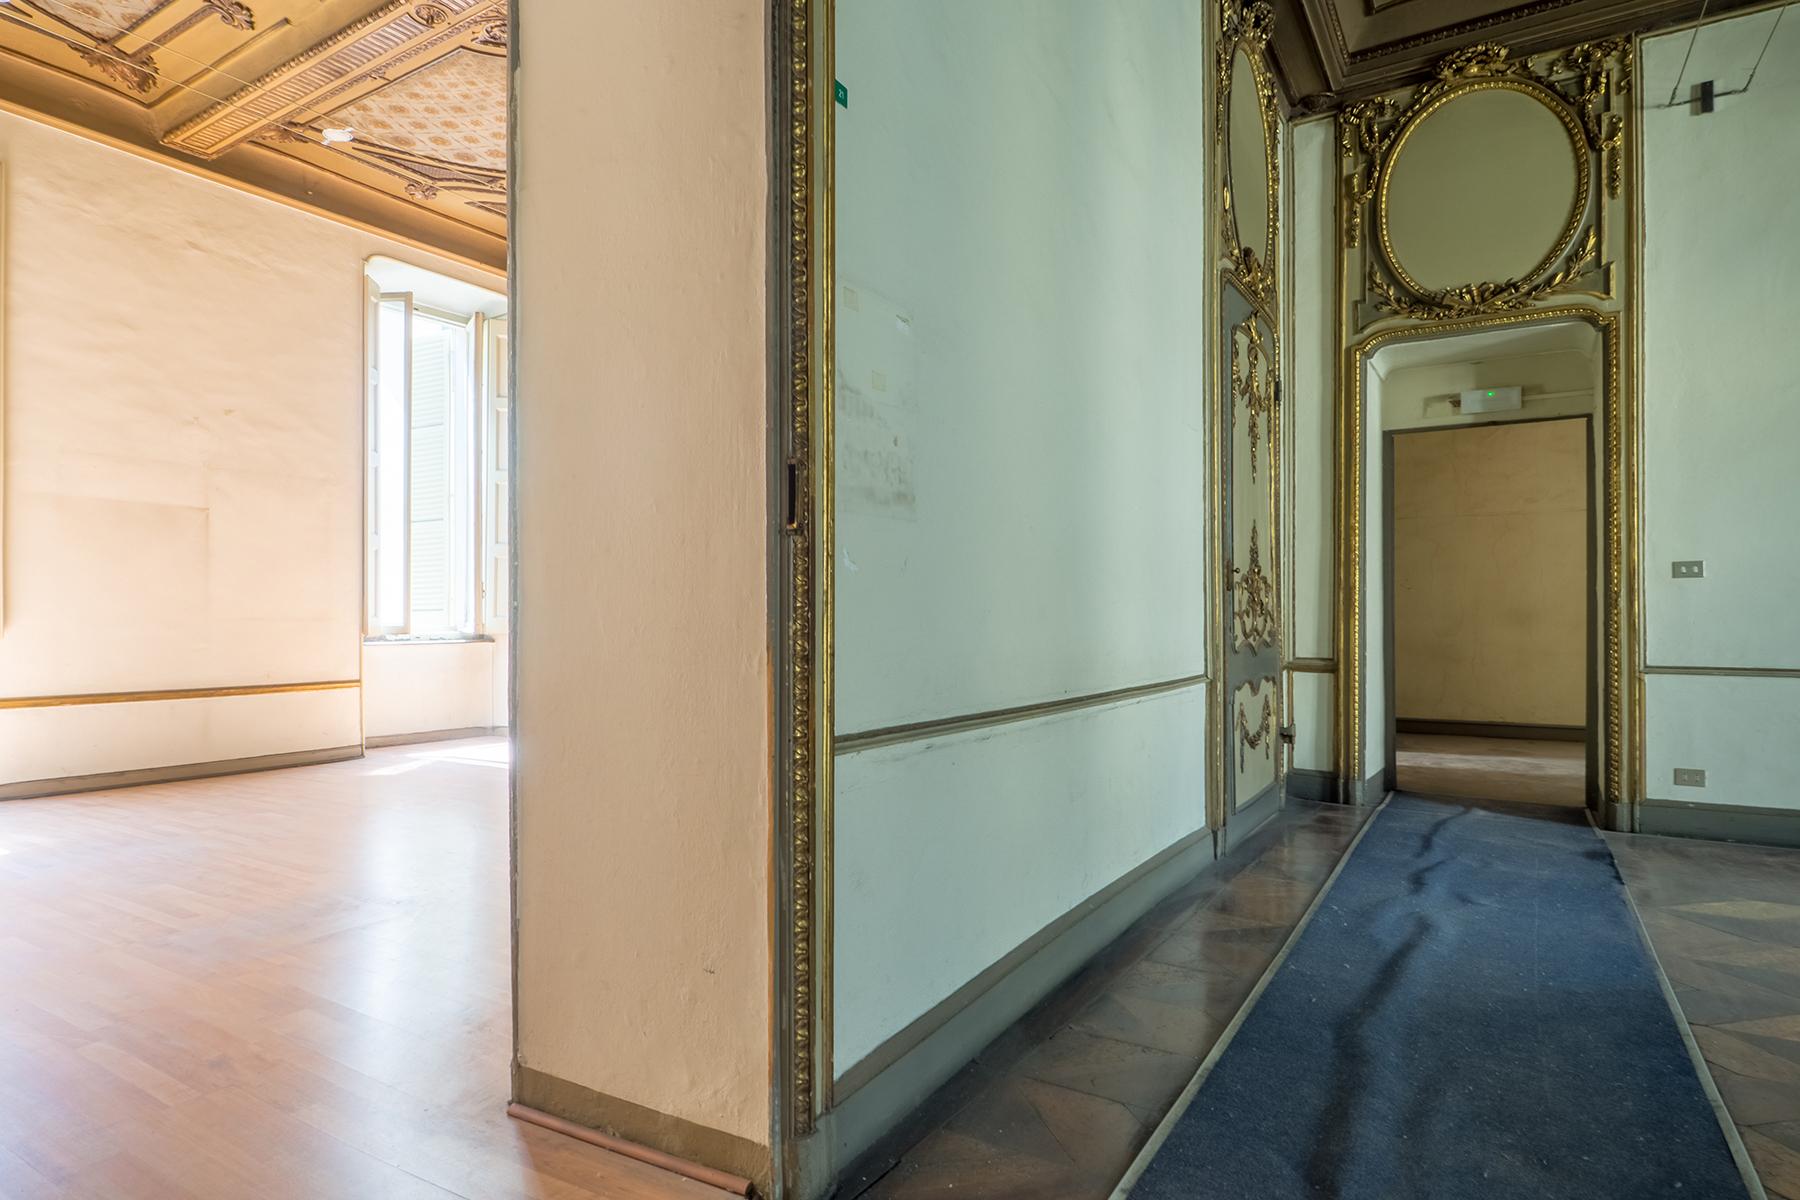 Ufficio-studio in Affitto a Torino: 5 locali, 1000 mq - Foto 14